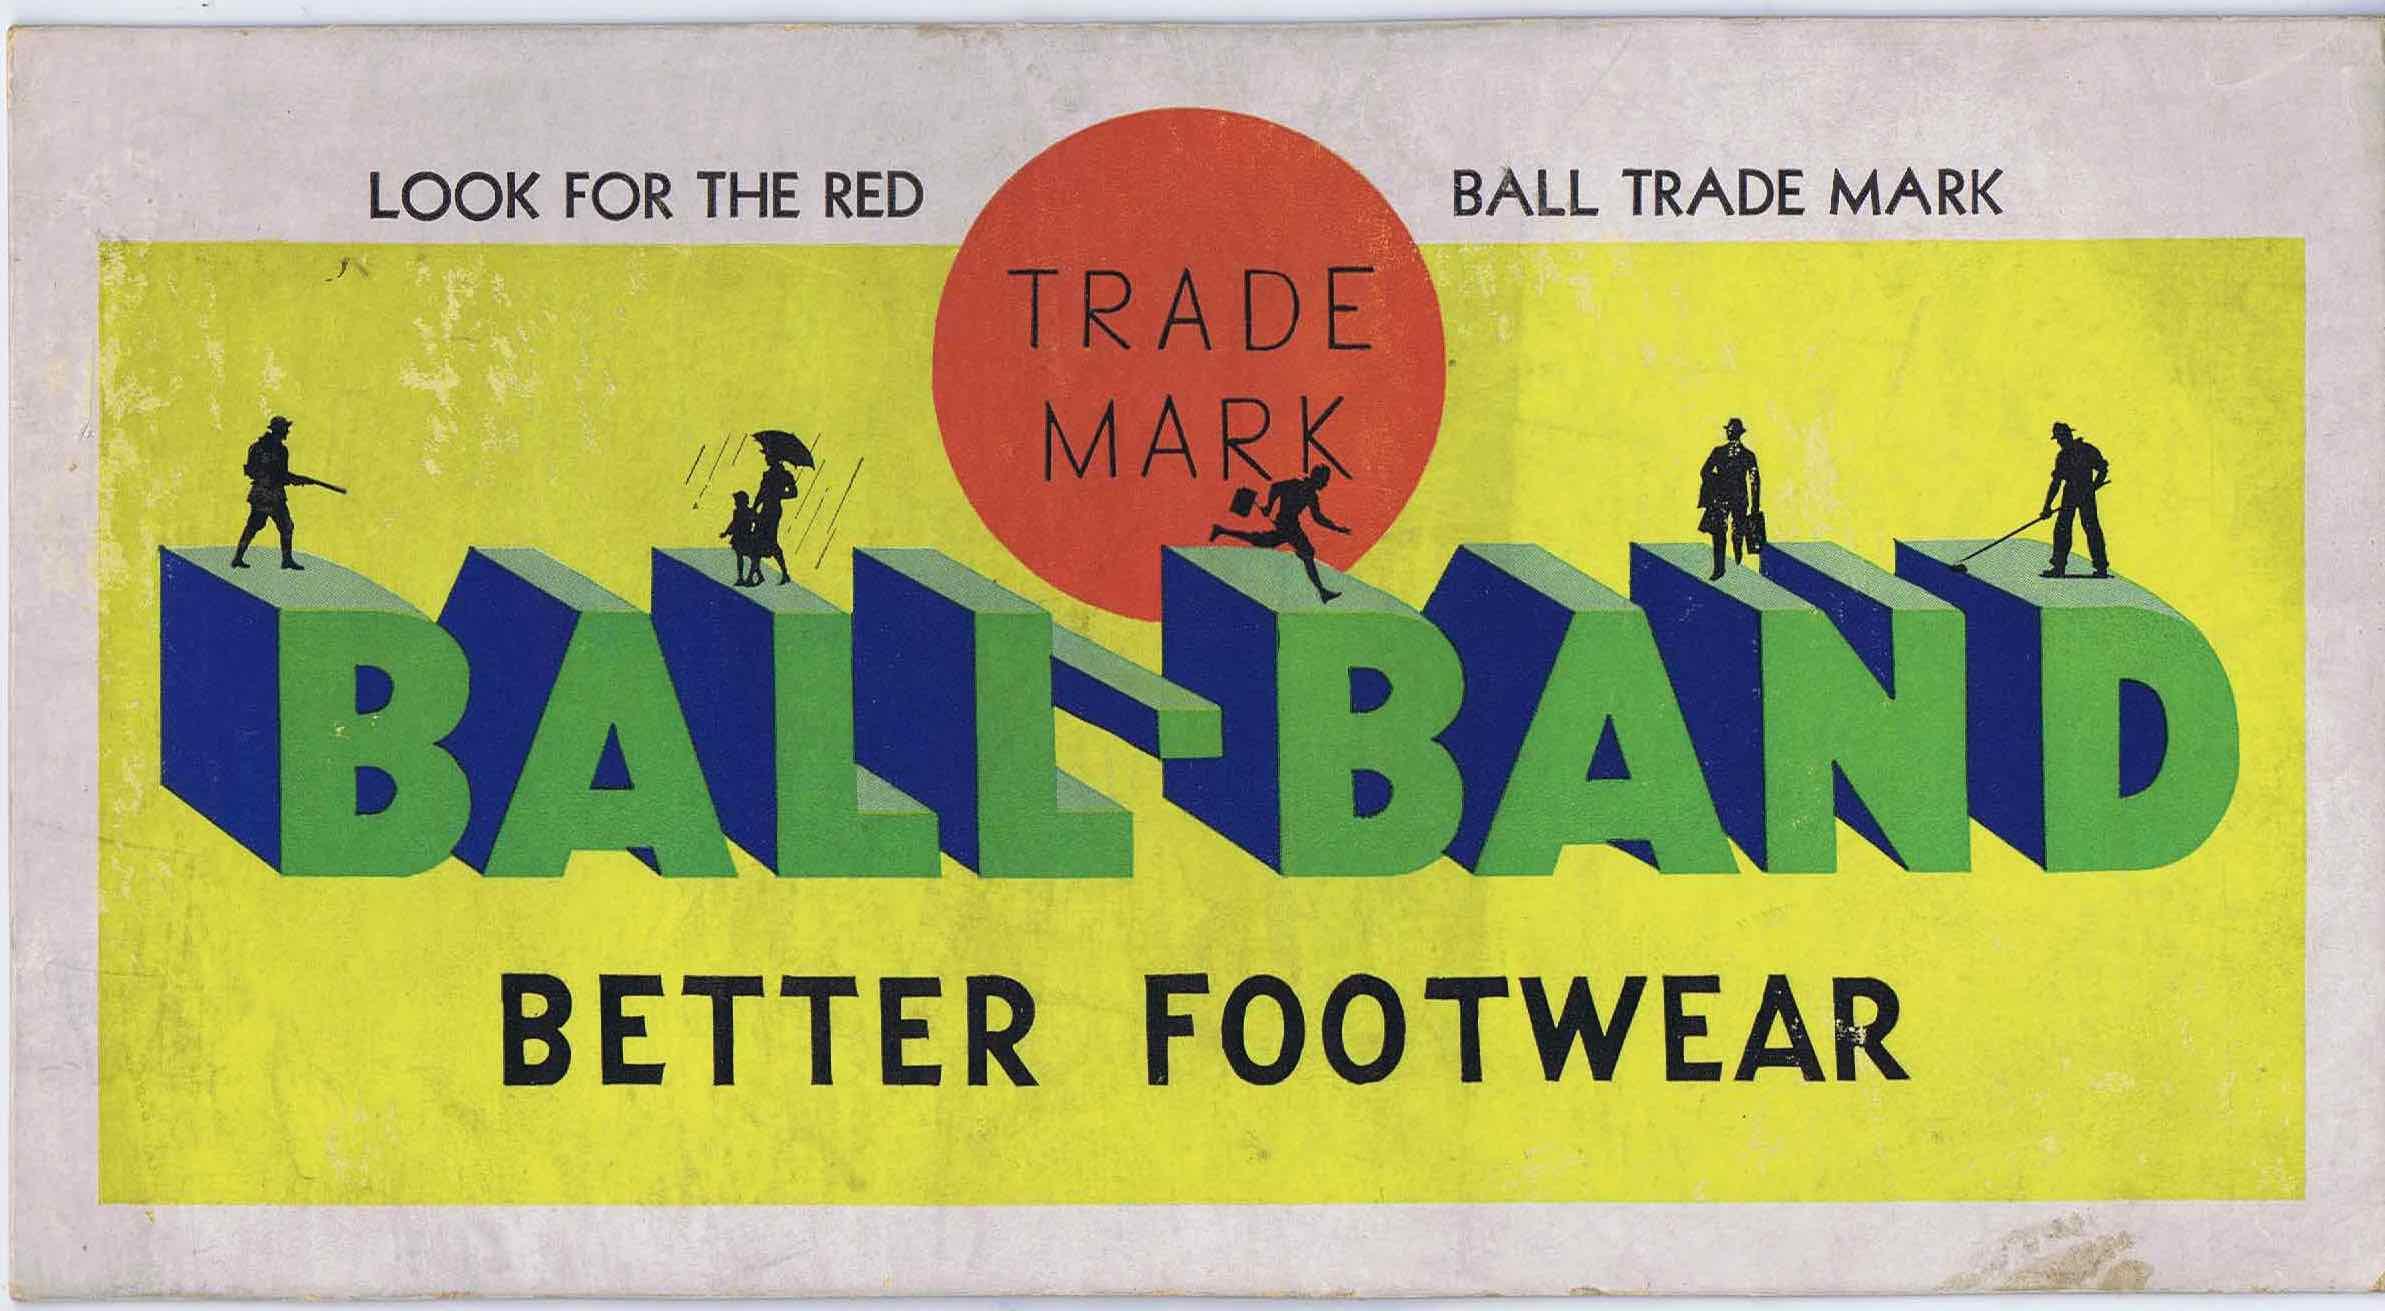 J234BALL BAND BETTER FOOTWEAR